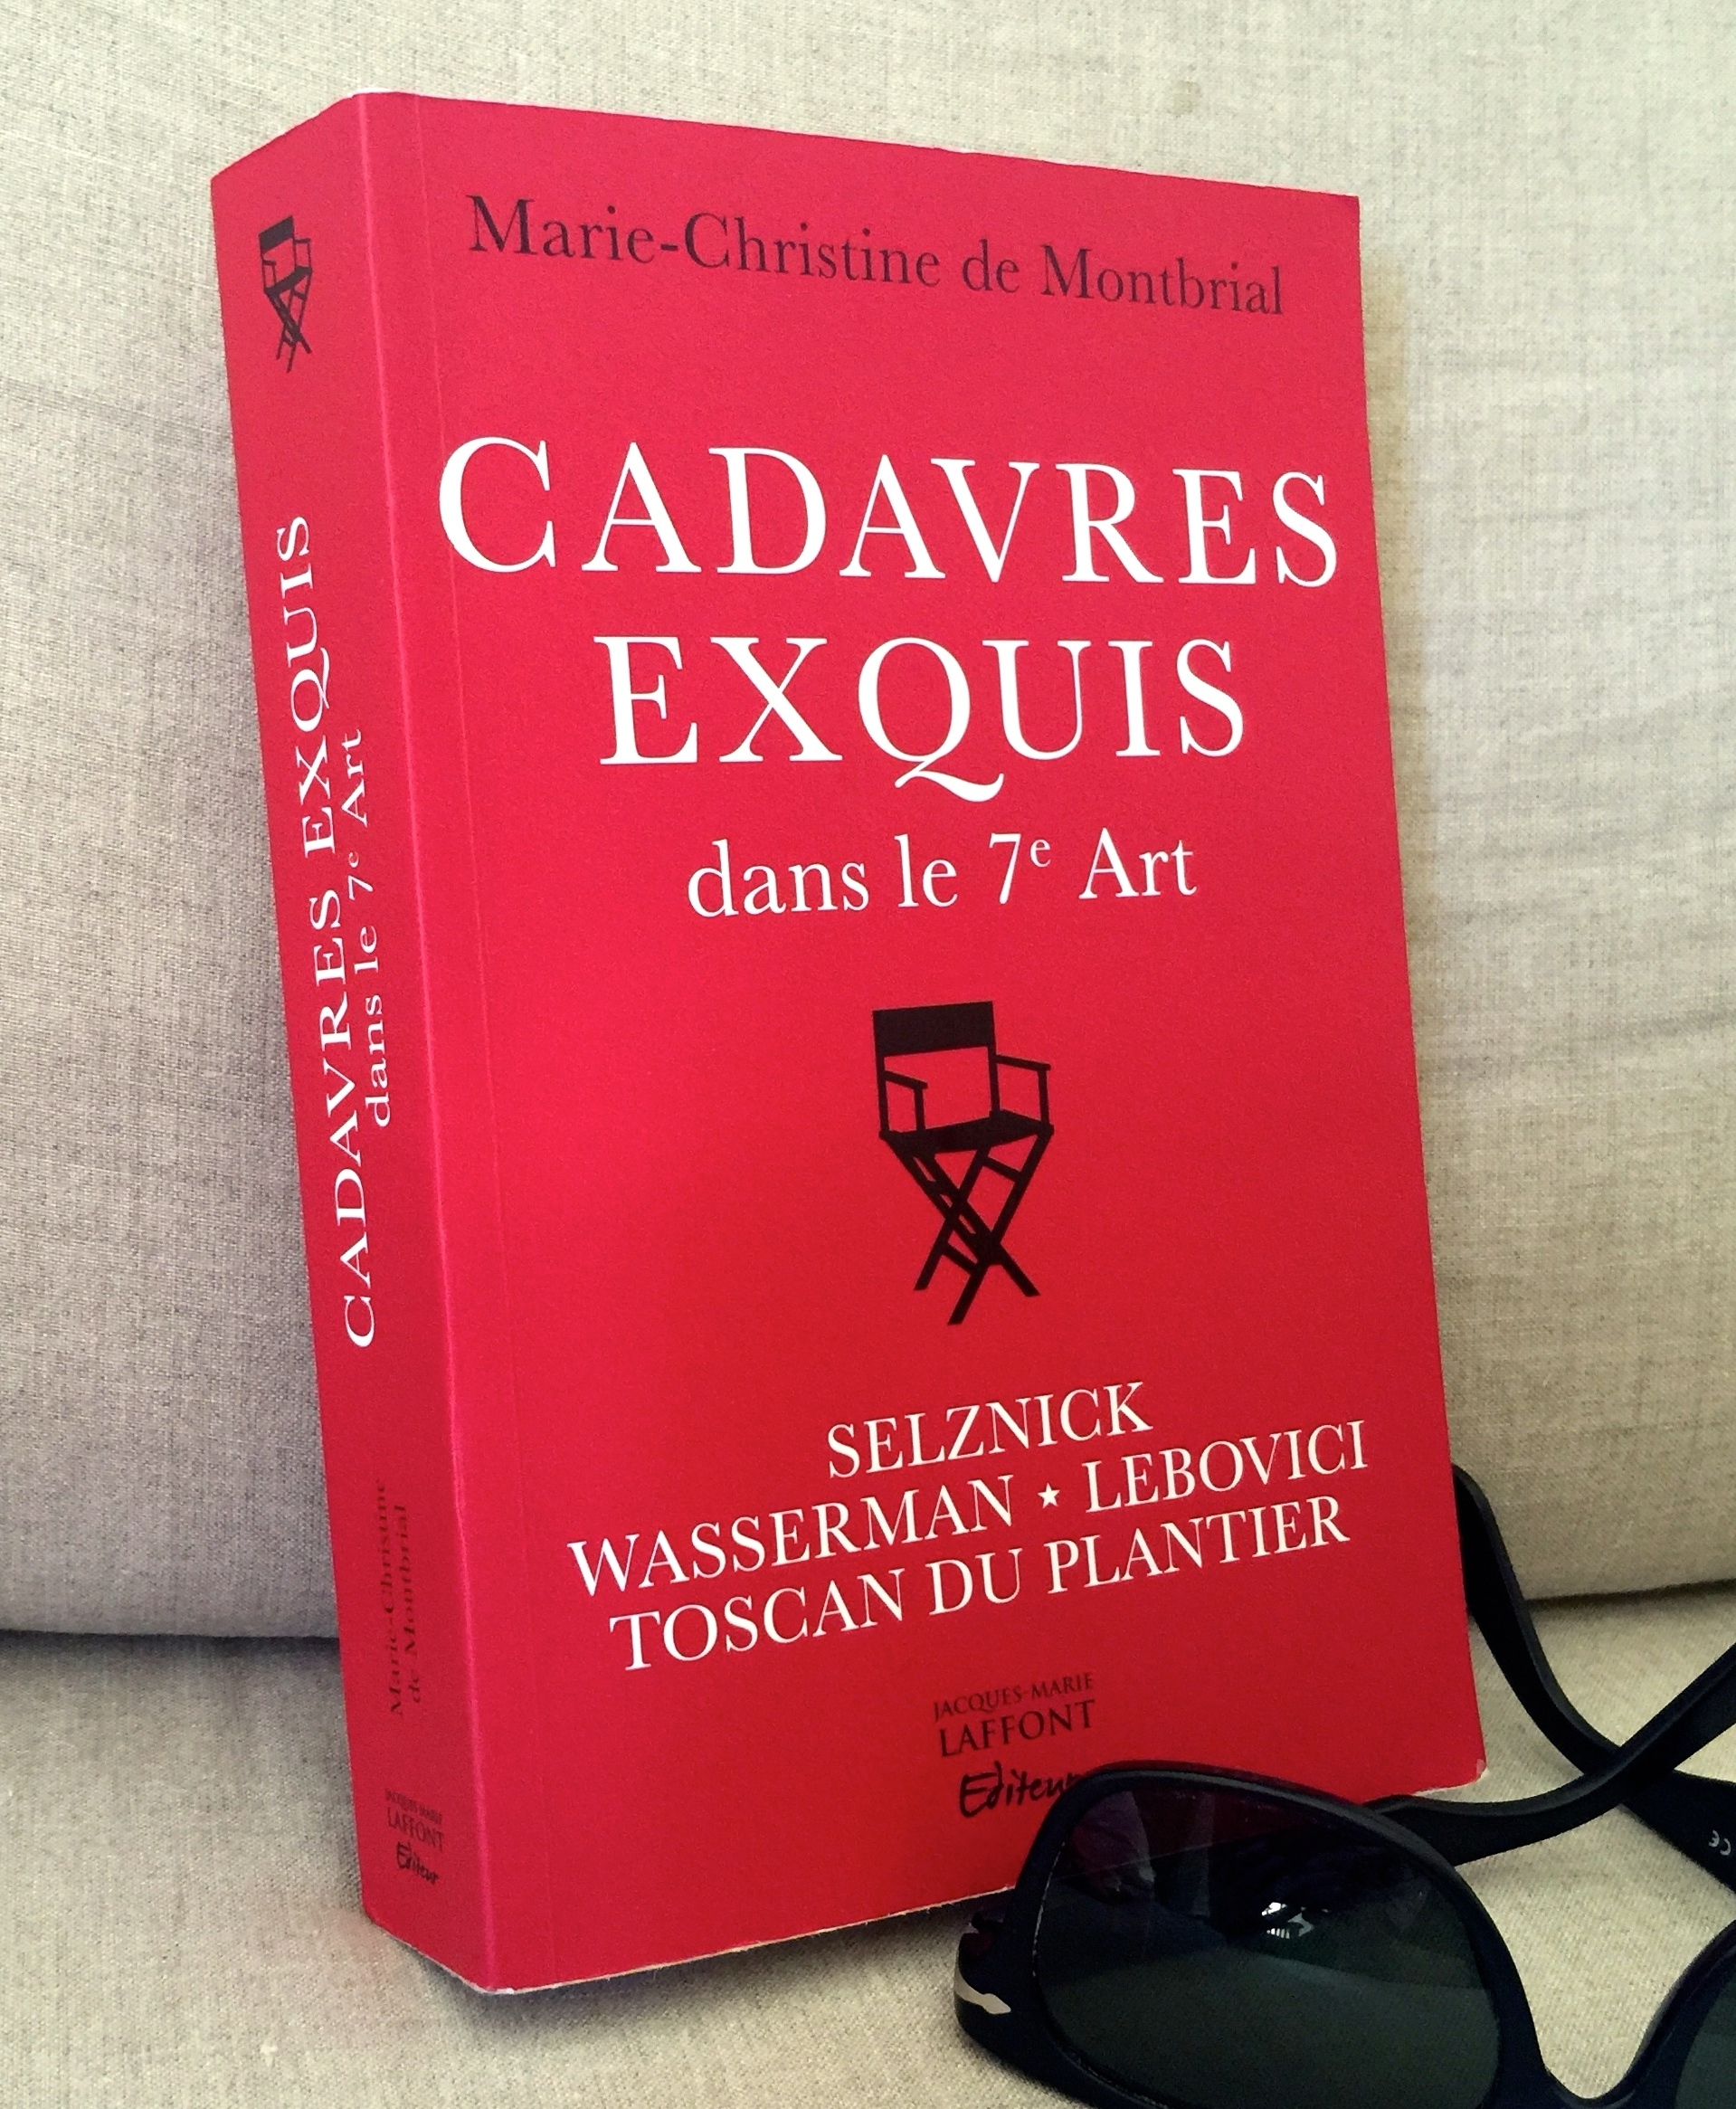 CADAVRES EXQUIS DANS LE 7EME ART - LIVRE